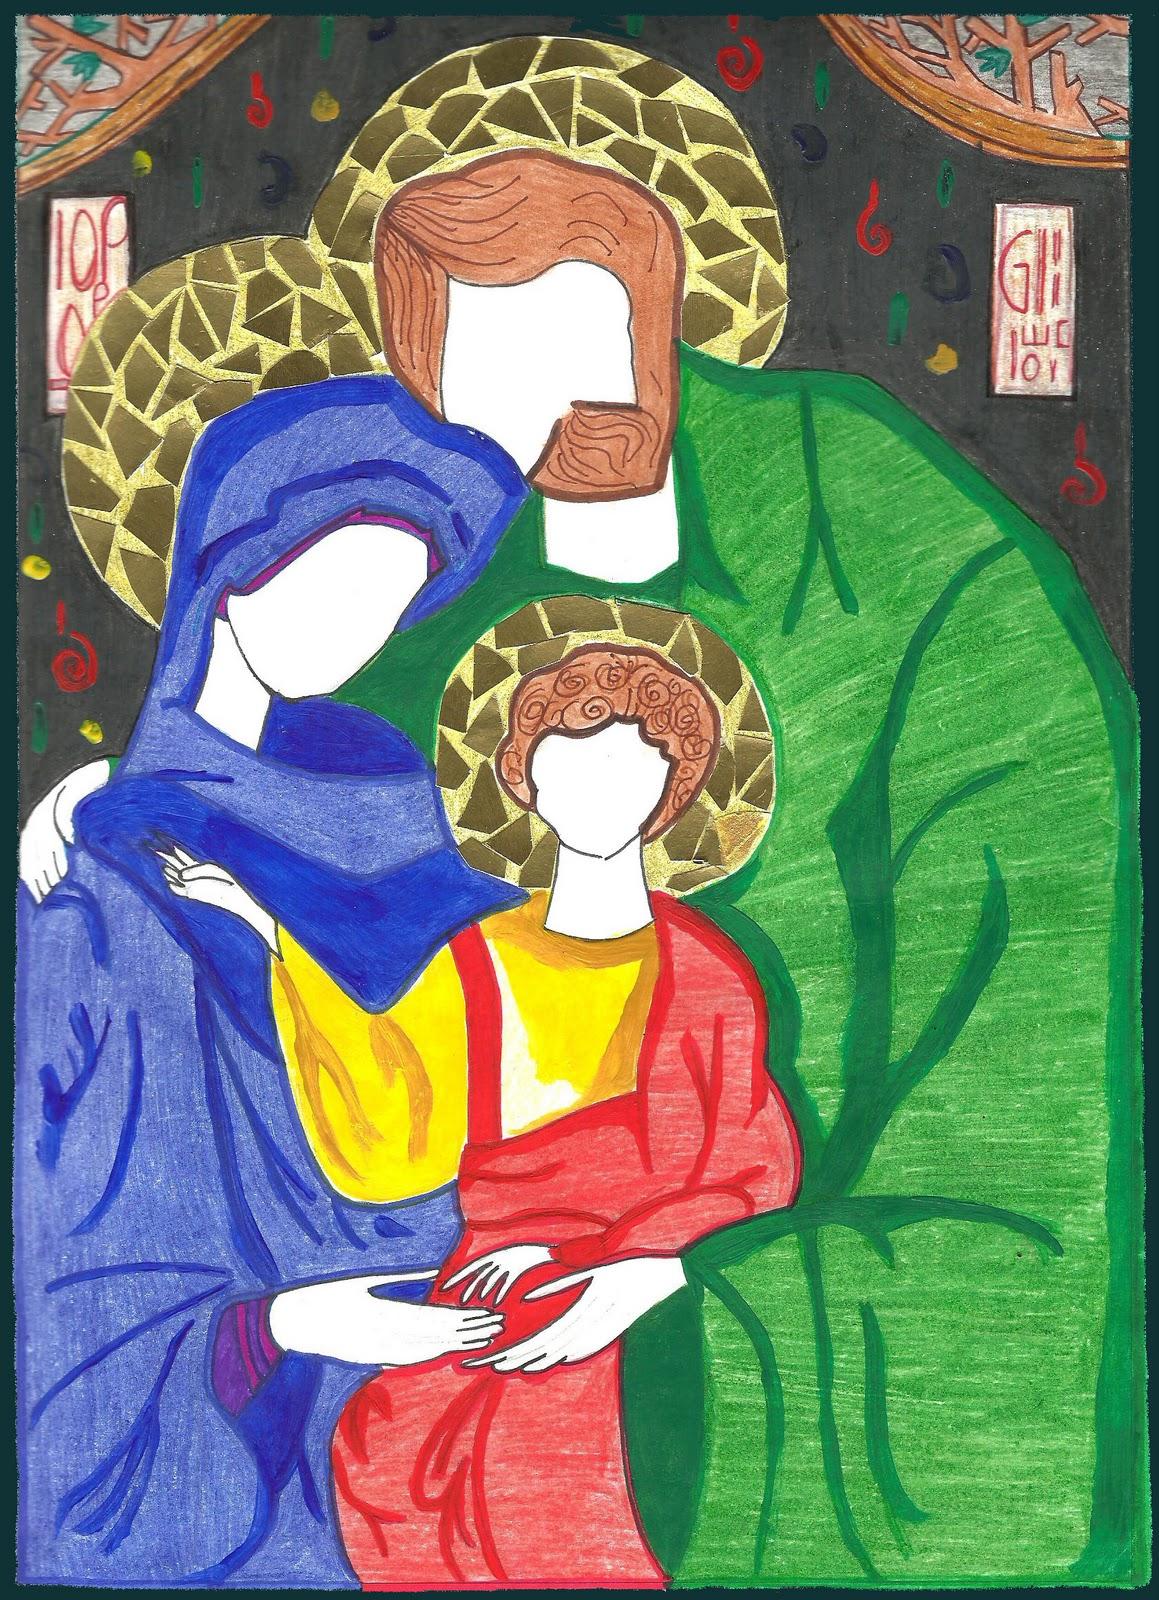 Epv colegio san jos dominicas elena armas ganadora - La mejor tarjeta de navidad ...